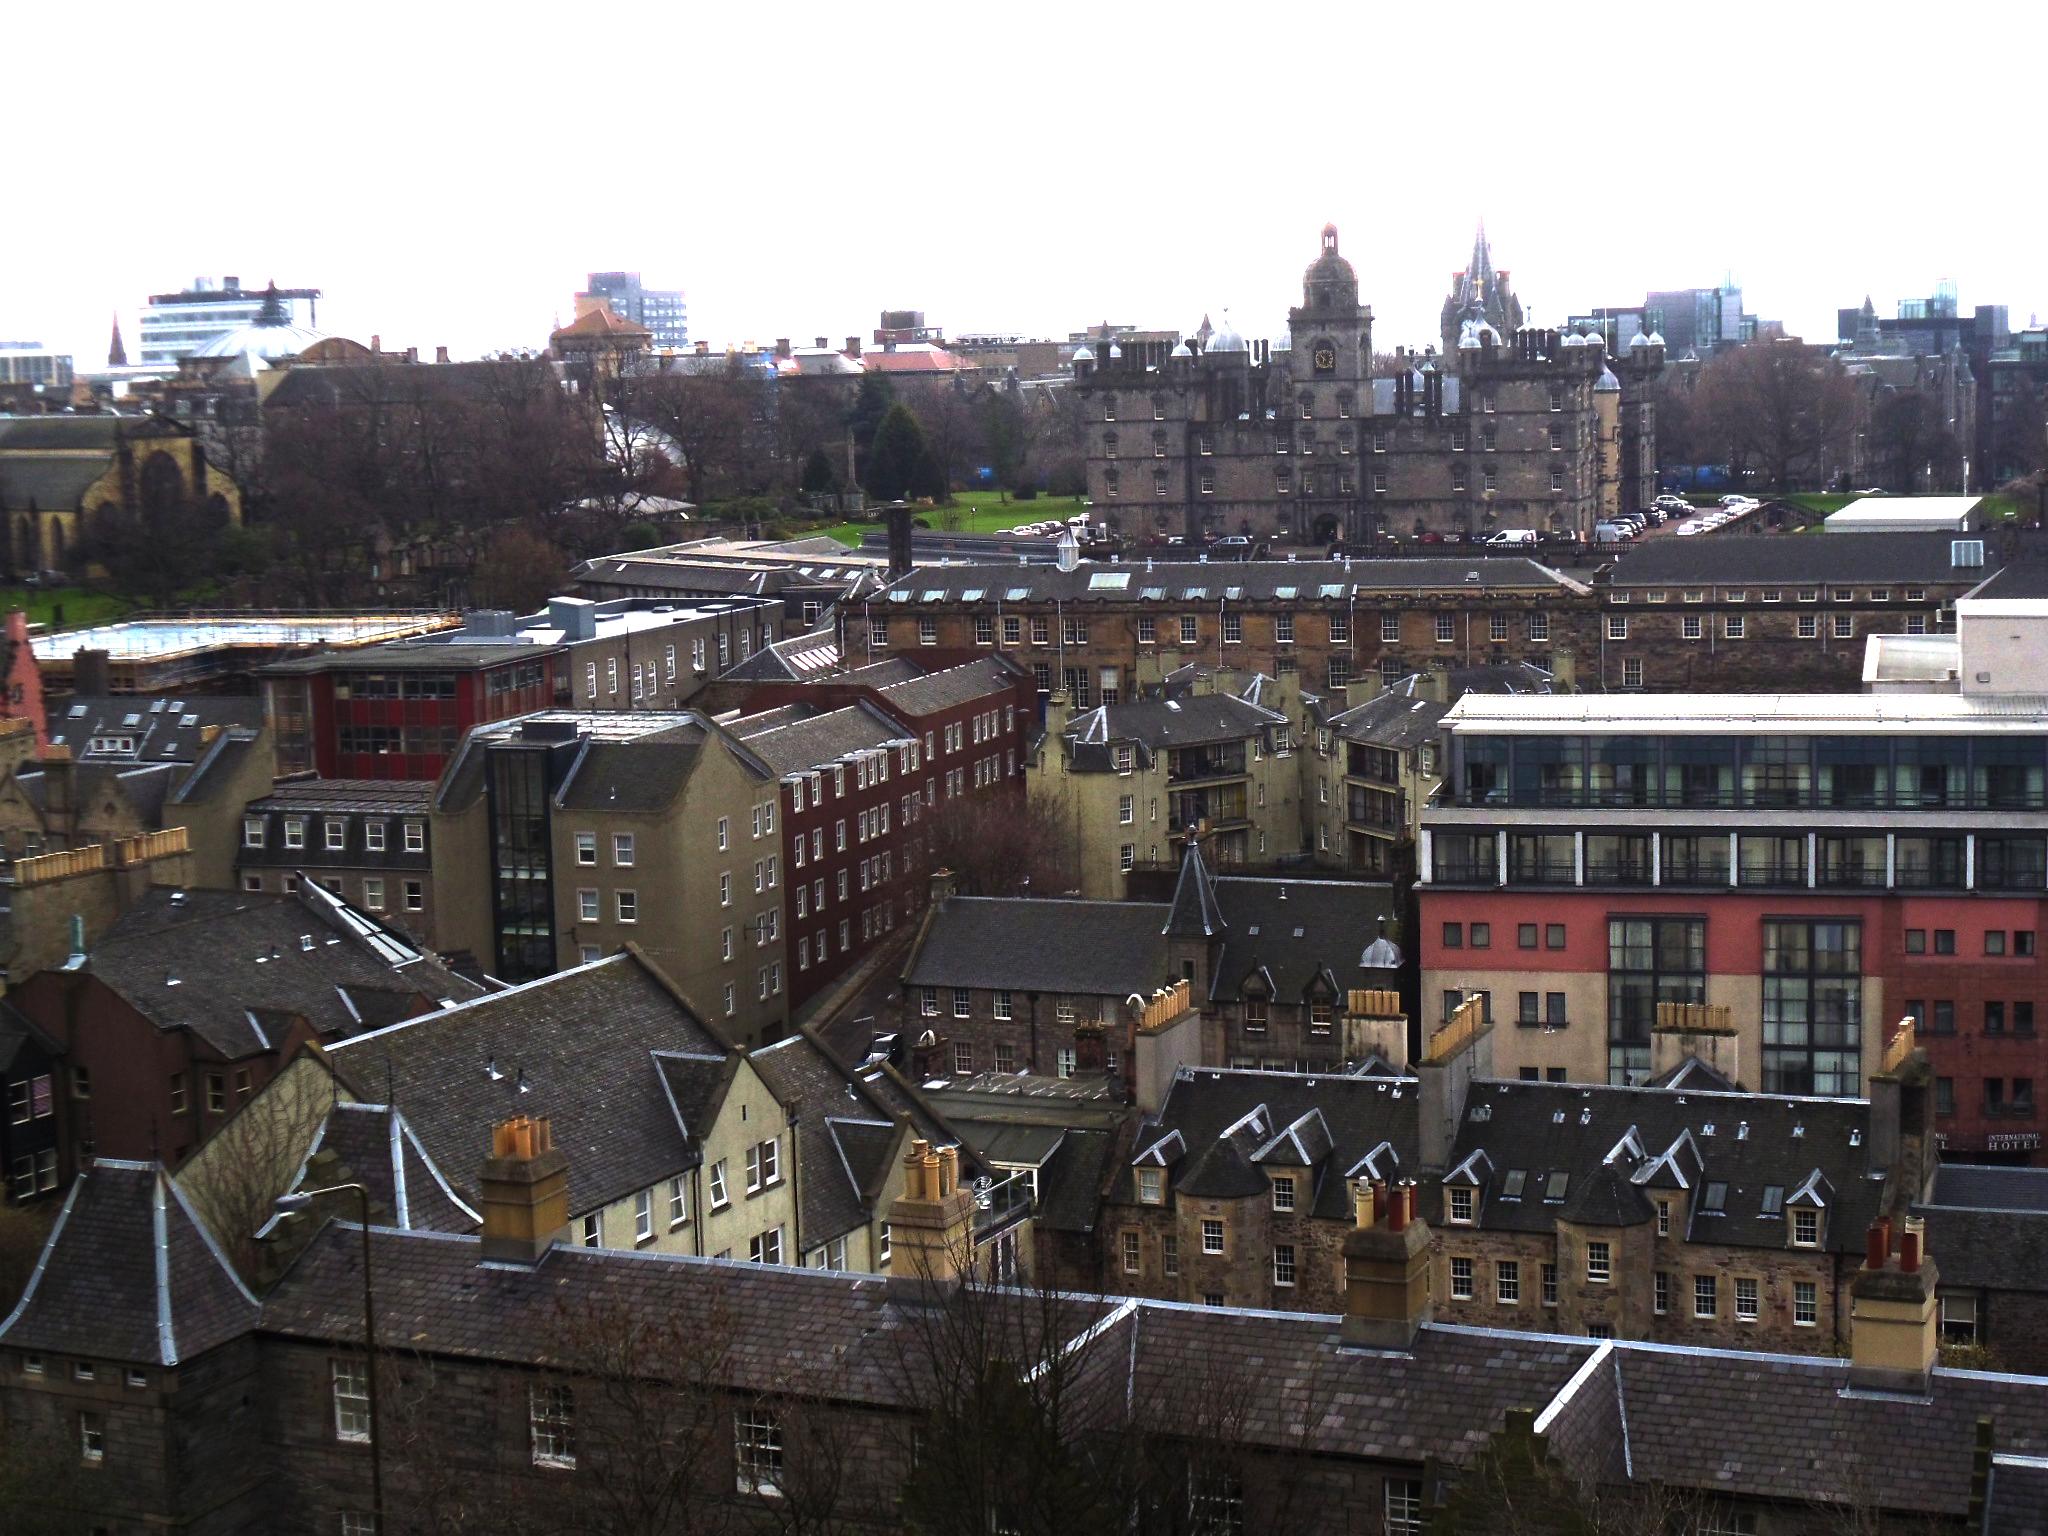 Vista case a Edimburgo